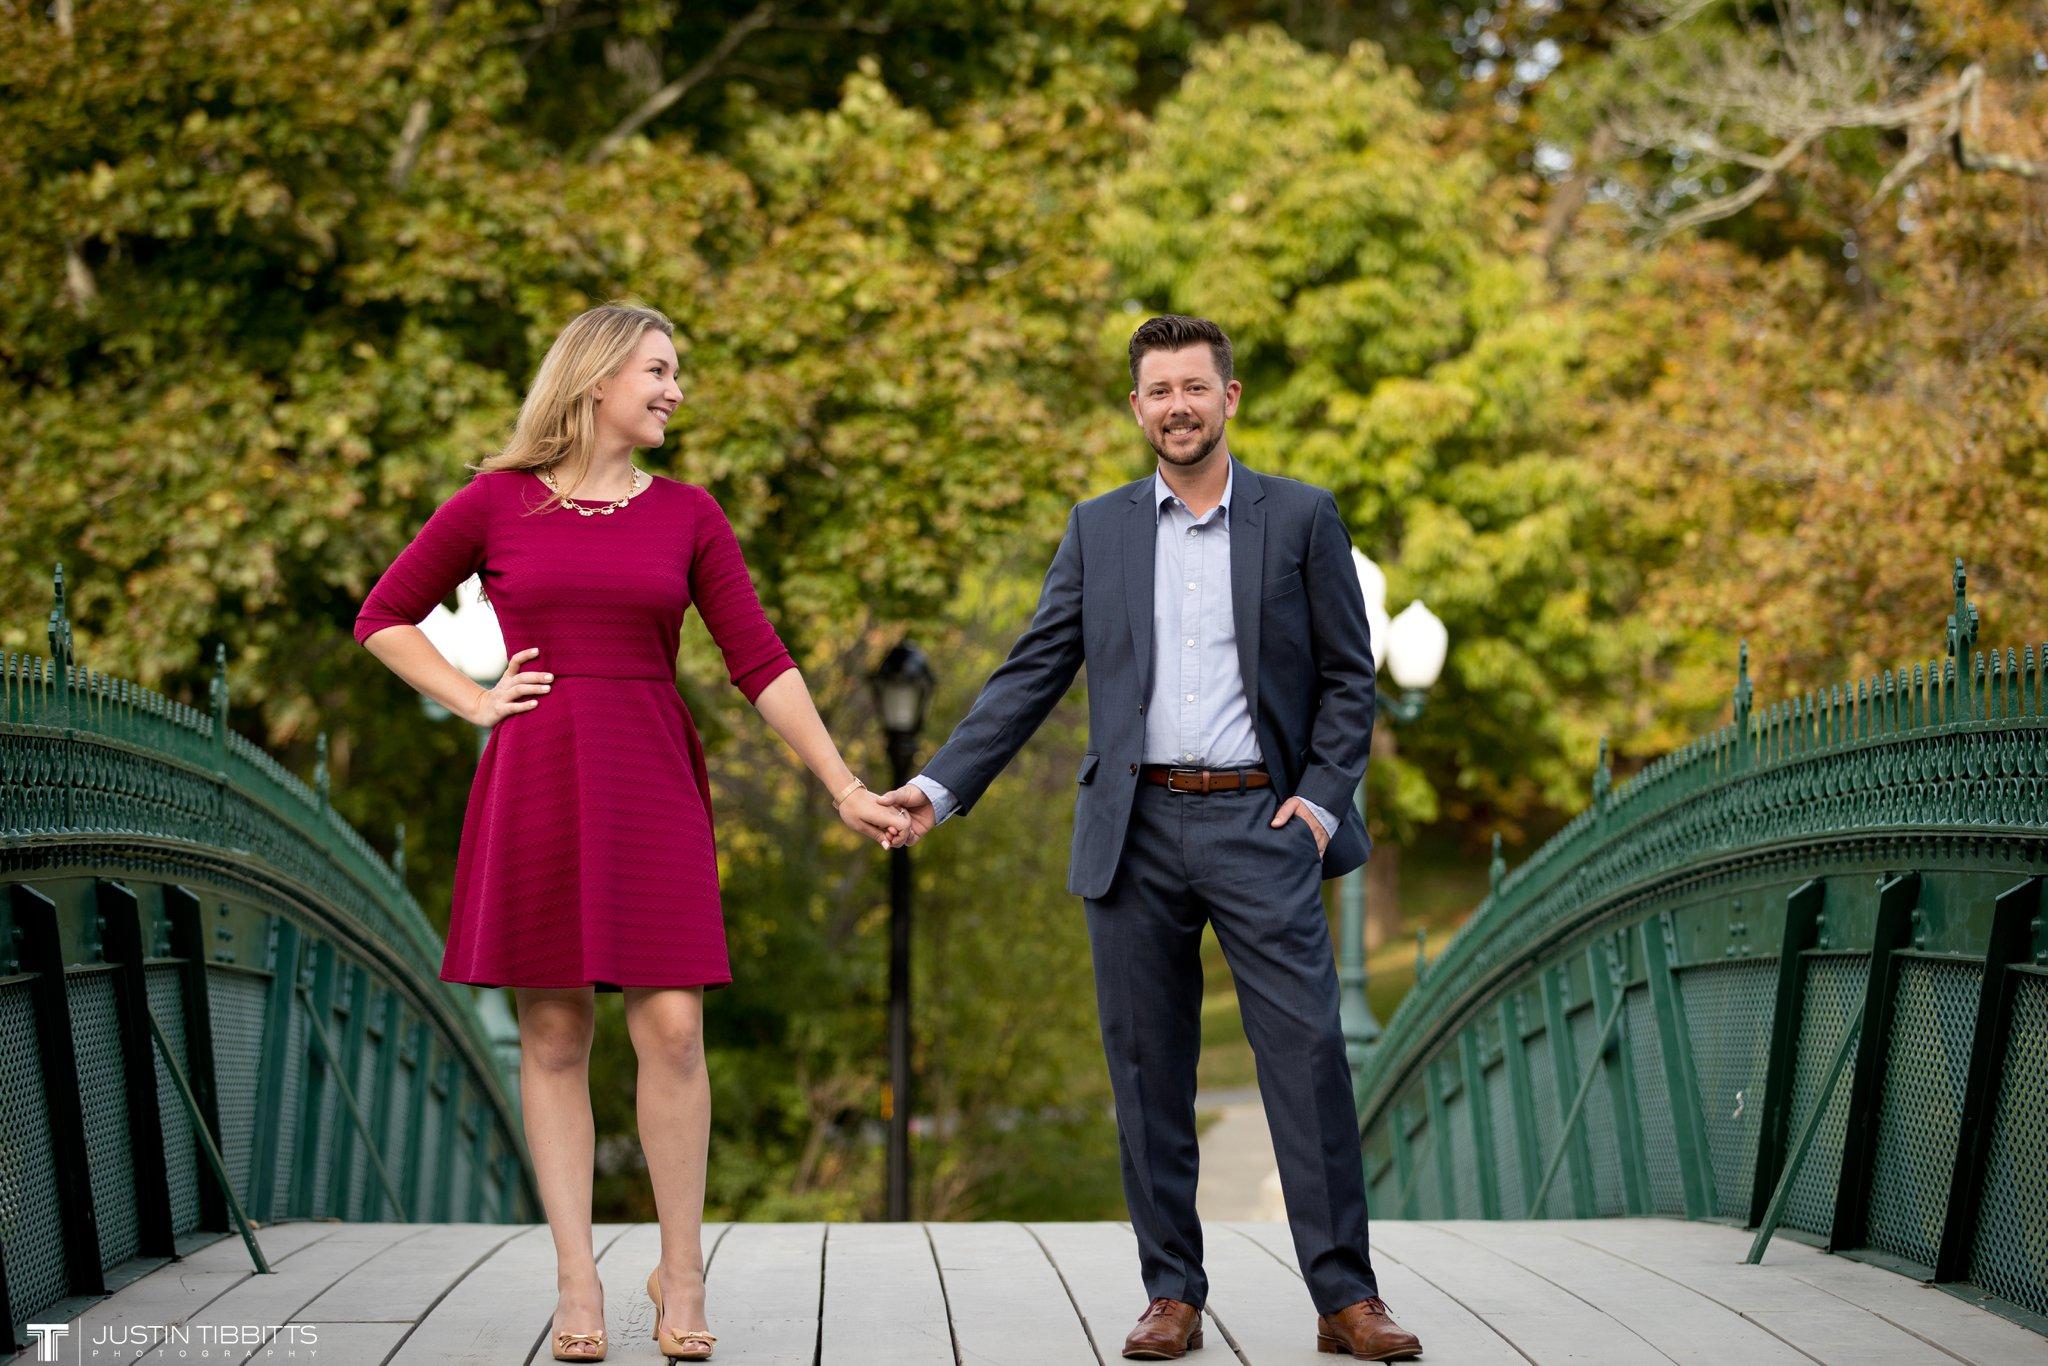 washington-park-albany-ny-engagement-photos-with-andrea-and-dan_0009